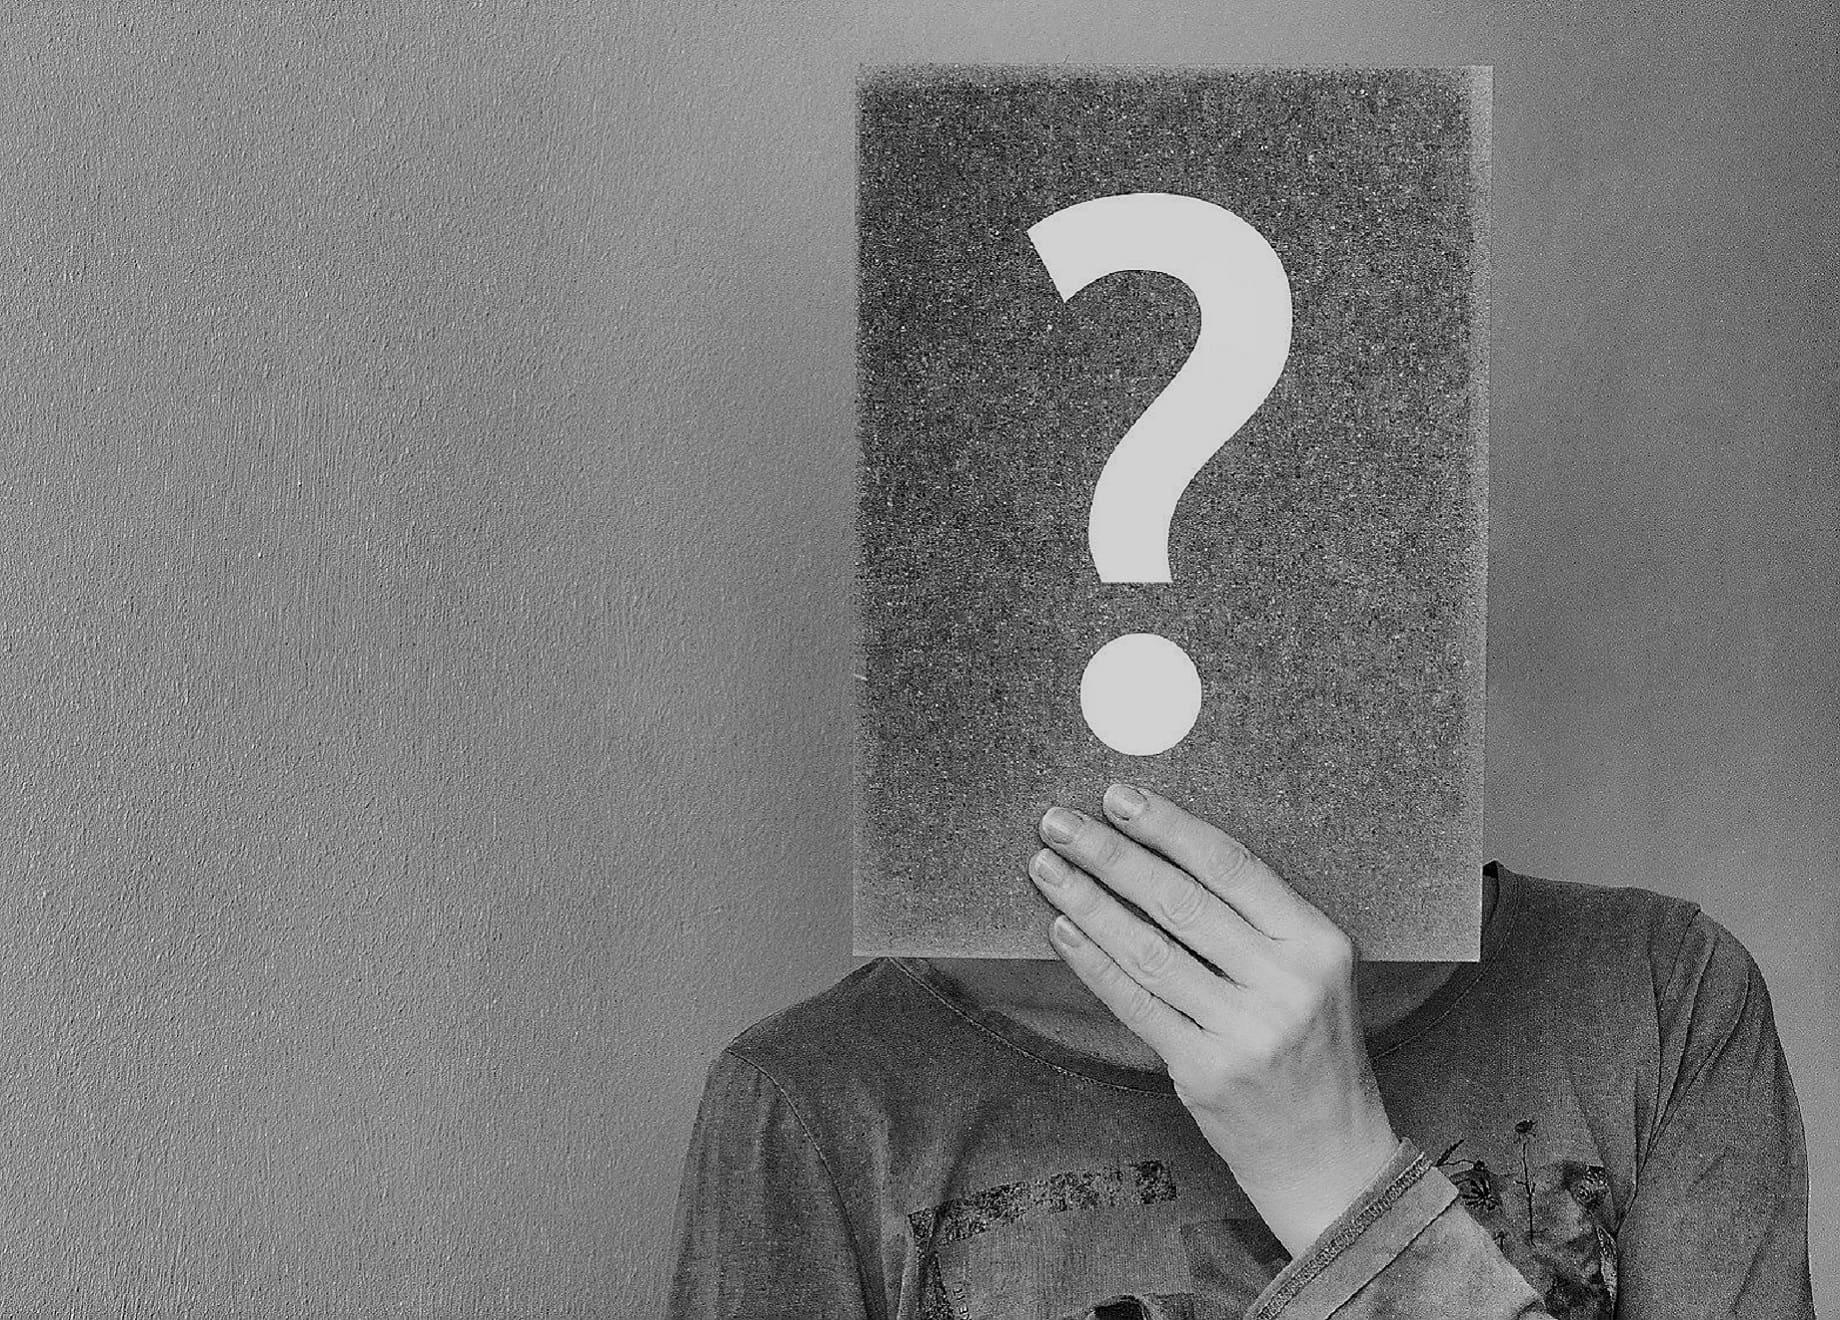 bvvp bvvp-Umfrage für PsychotherapeutInnen